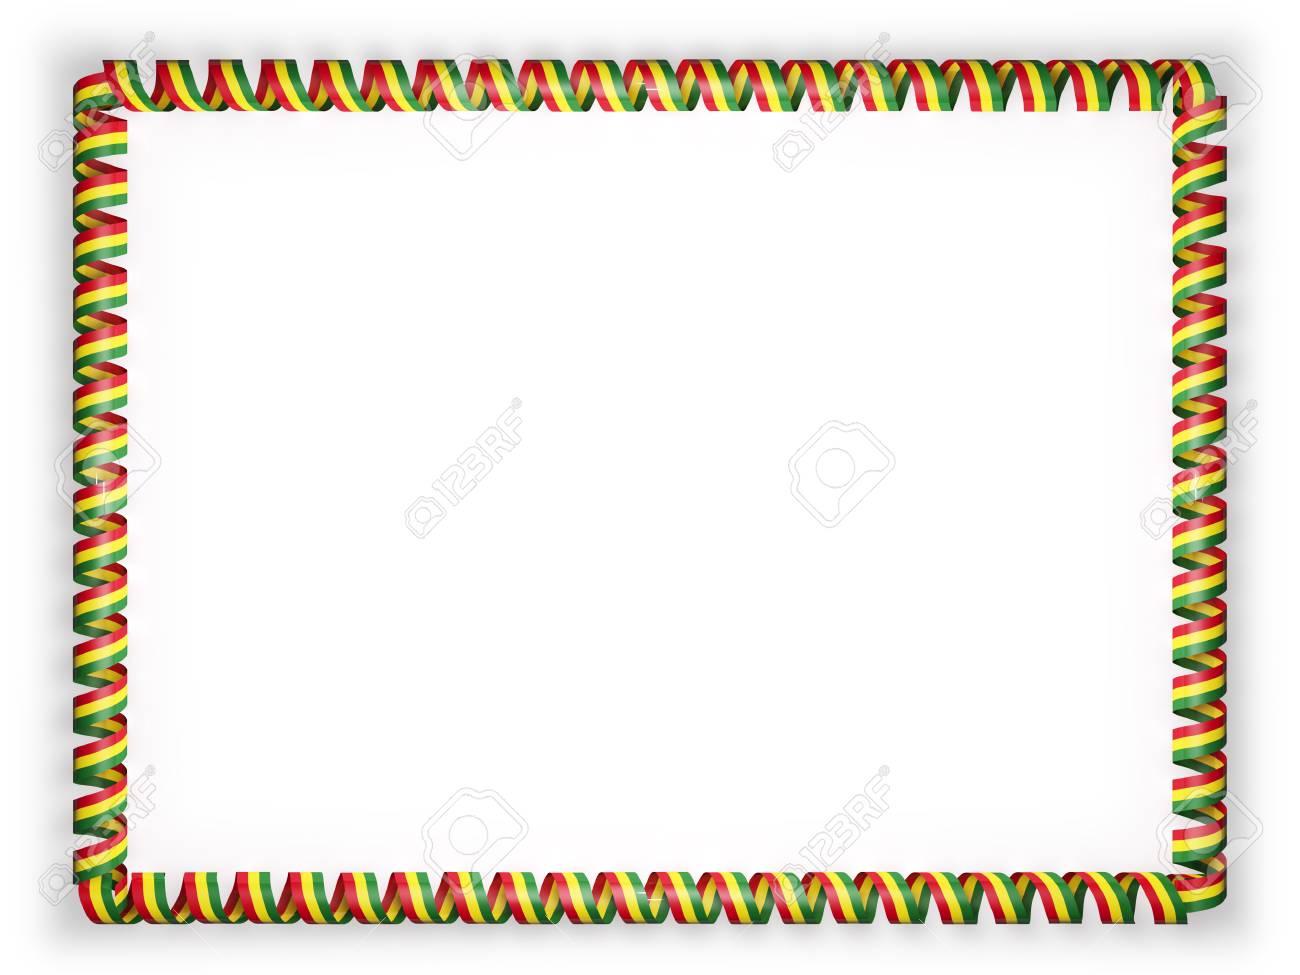 Marco Y Borde De La Cinta Con La Bandera De Bolivia. Ilustración 3d ...